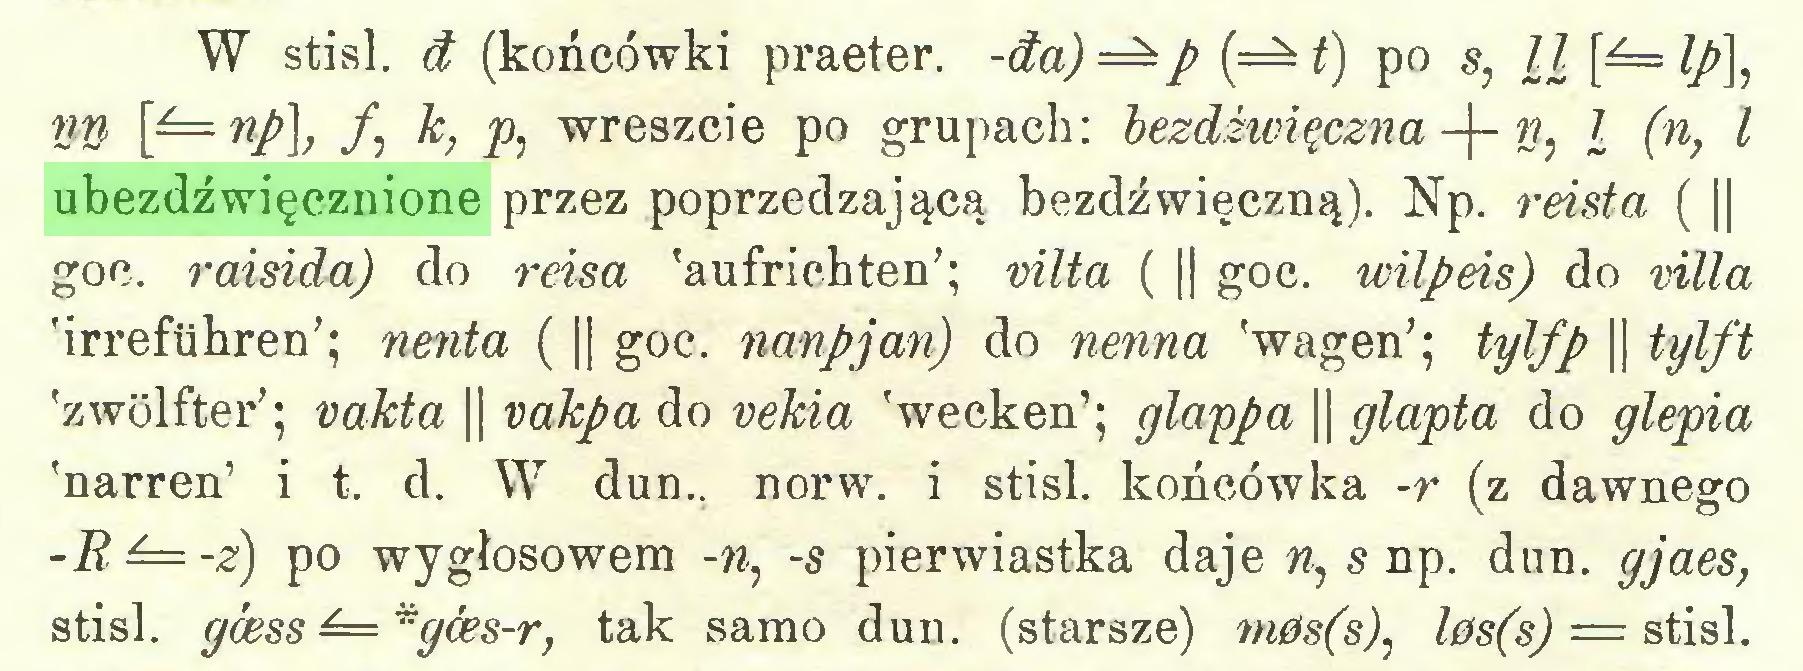 (...) W stisl. ćt (końcówki praeter. -da)=^p(=^t) po s, nn \f=np\, f k, p, wreszcie po grupach: bezdźwięczna -f- w, l (n, l ubezdźwięcznione przez poprzedzającą bezdźwięczną). Np. reista ( || goc. raisida) do reisa 'aufrichten'; vilta ( || goc. wilpeis) do villa 'irrefuhren'; nenia ( || goc. nanpjan) do nenna 'wagen'; tylfp || tylft 'zwölfter'; vakta || vakpa do vekia 'wecken'; glappa || glapta do glepia 'narren' i t. d. W dun., norw. i stisl. końcówka -r (z dawnego -B ^=-z) po wygłosowem -n, -s pierwiastka daje n, s np. dun. gjaes, stisl. gćess ^=*gfes-r, tak samo dun. (starsze) m0s(s), l0s(s) = stisl...